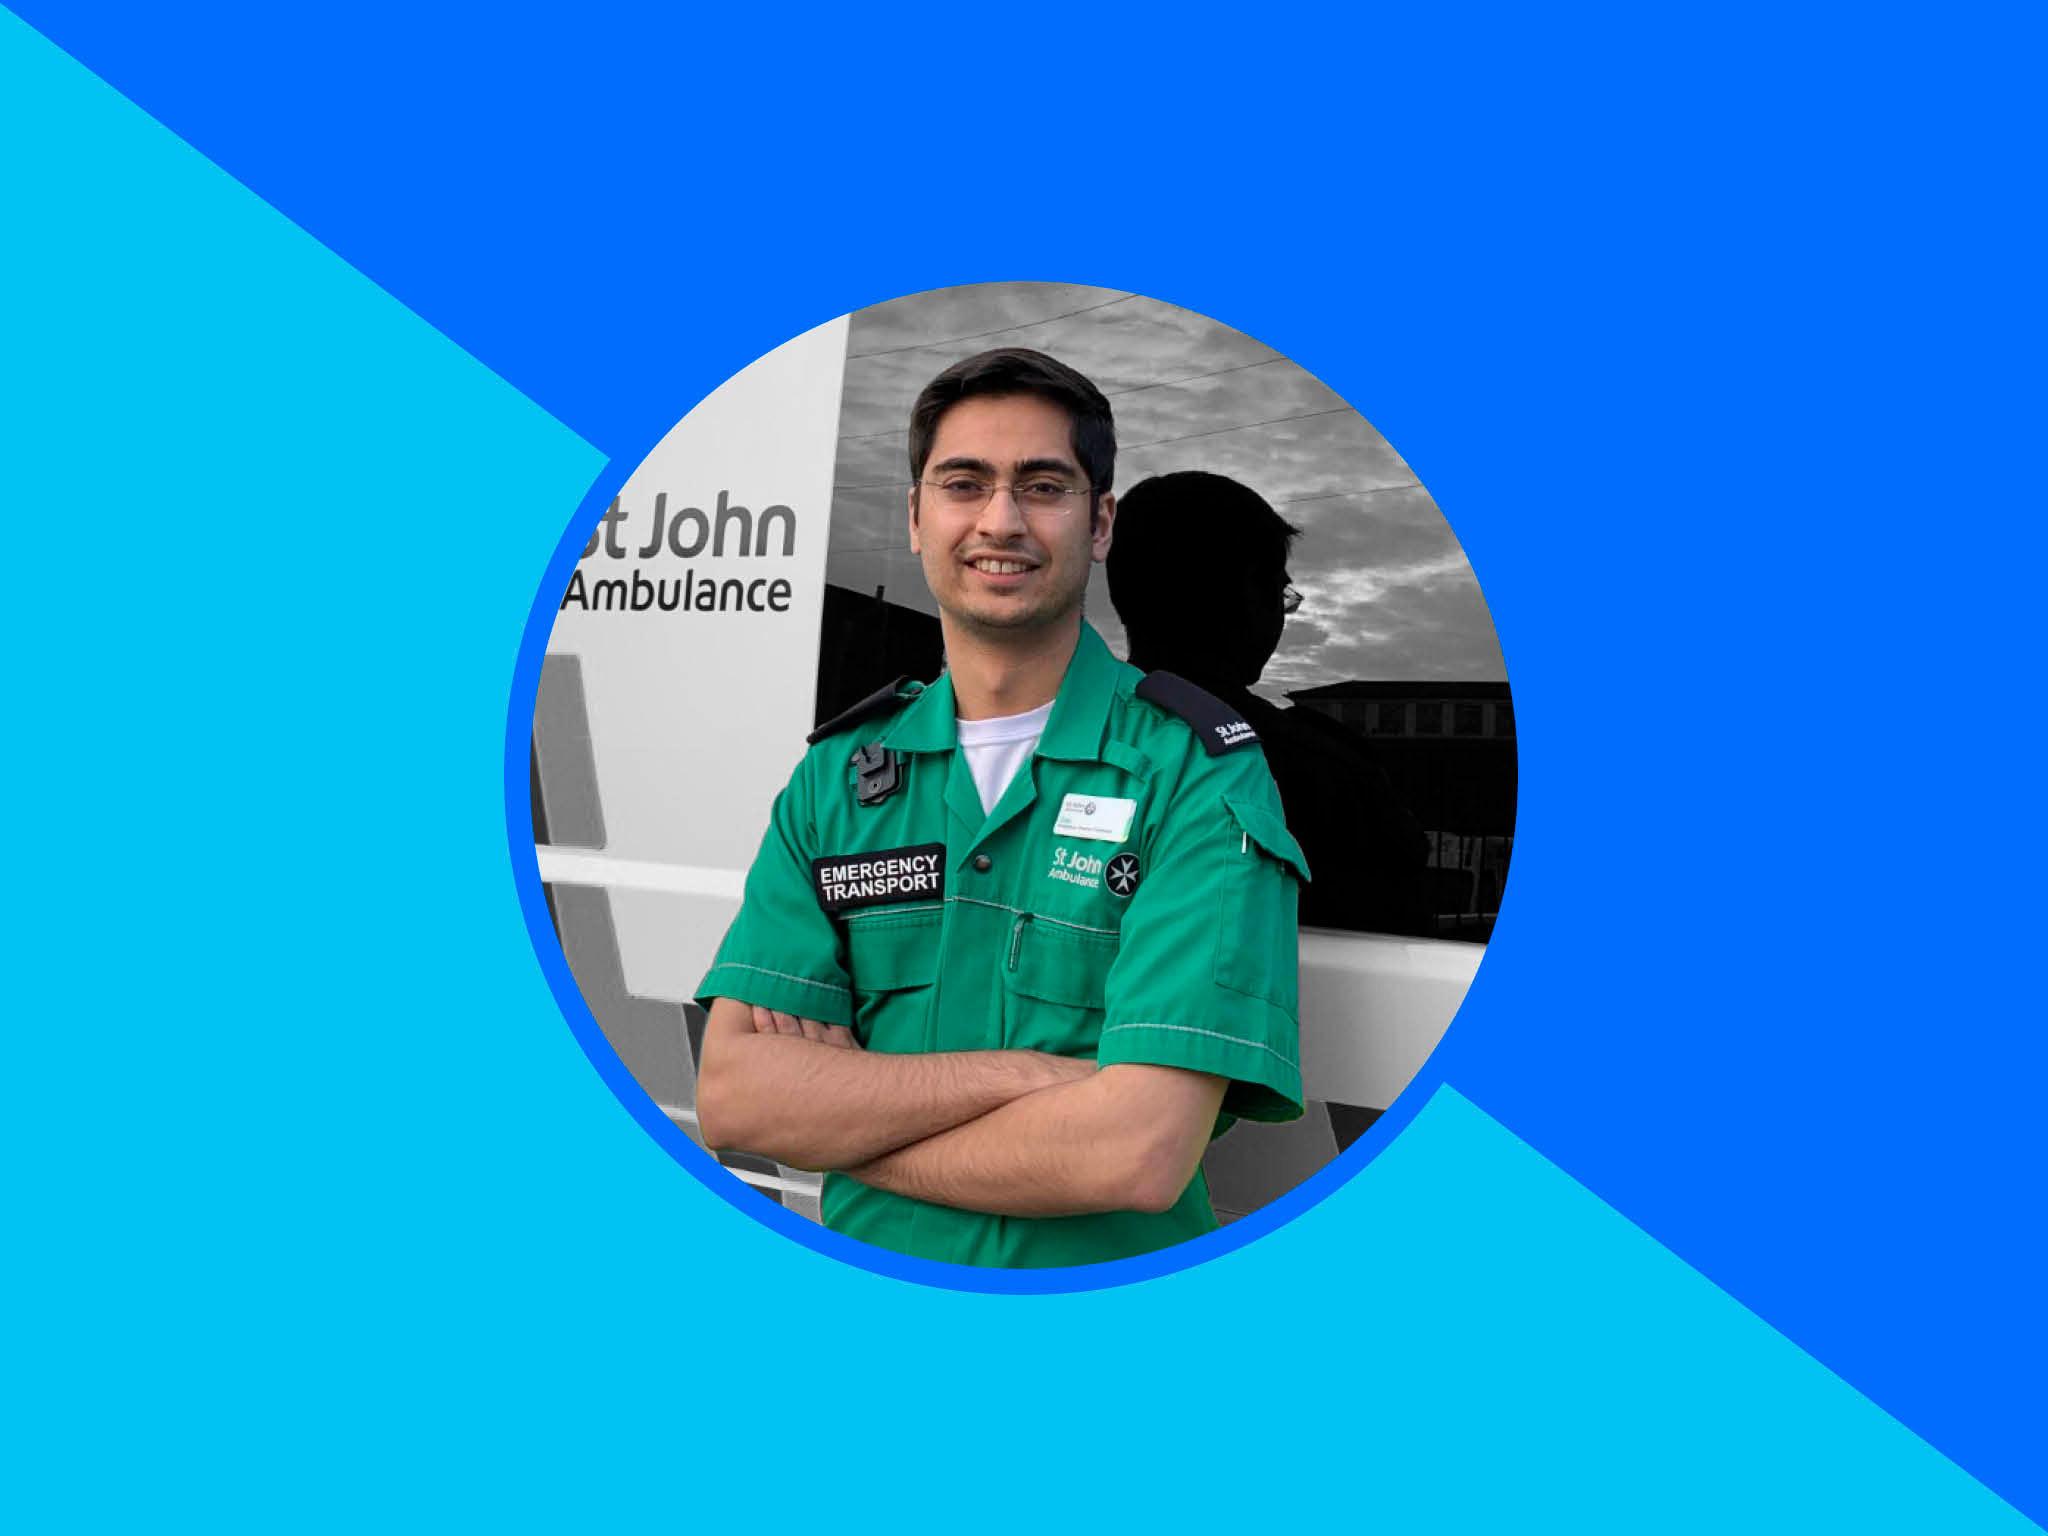 st john ambulance worker